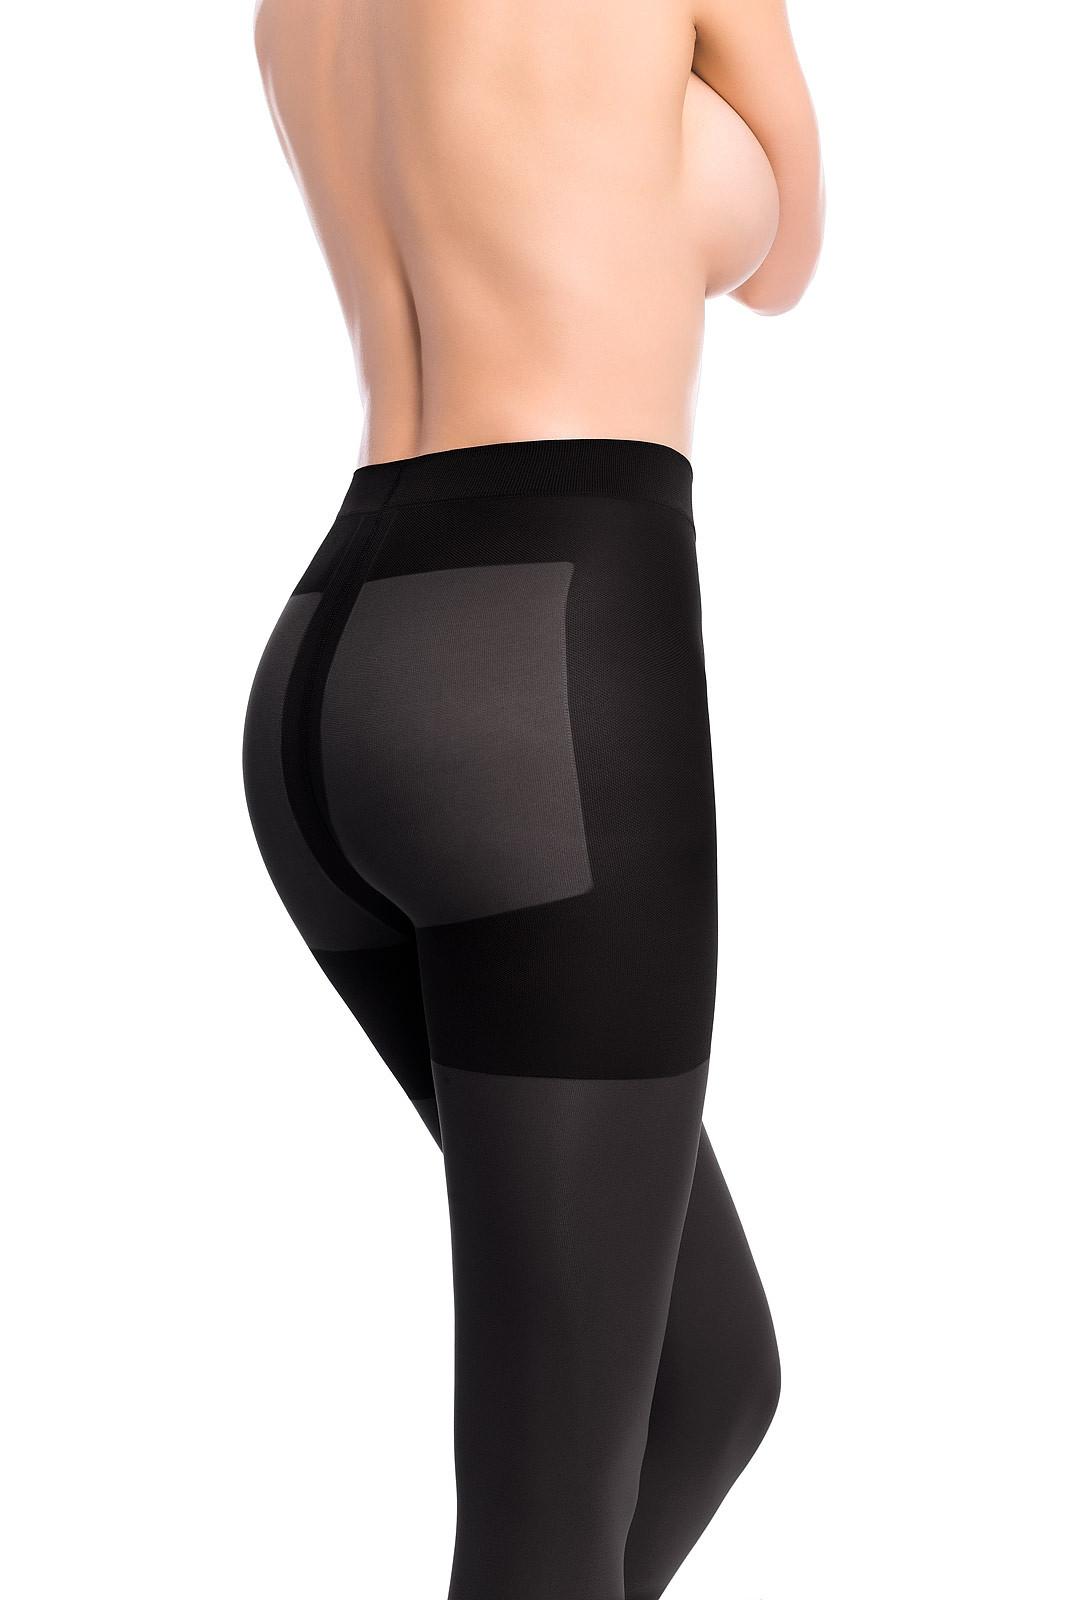 Dámské punčochové kalhoty Mona Micro Push-Up 100 den 2-4 černá